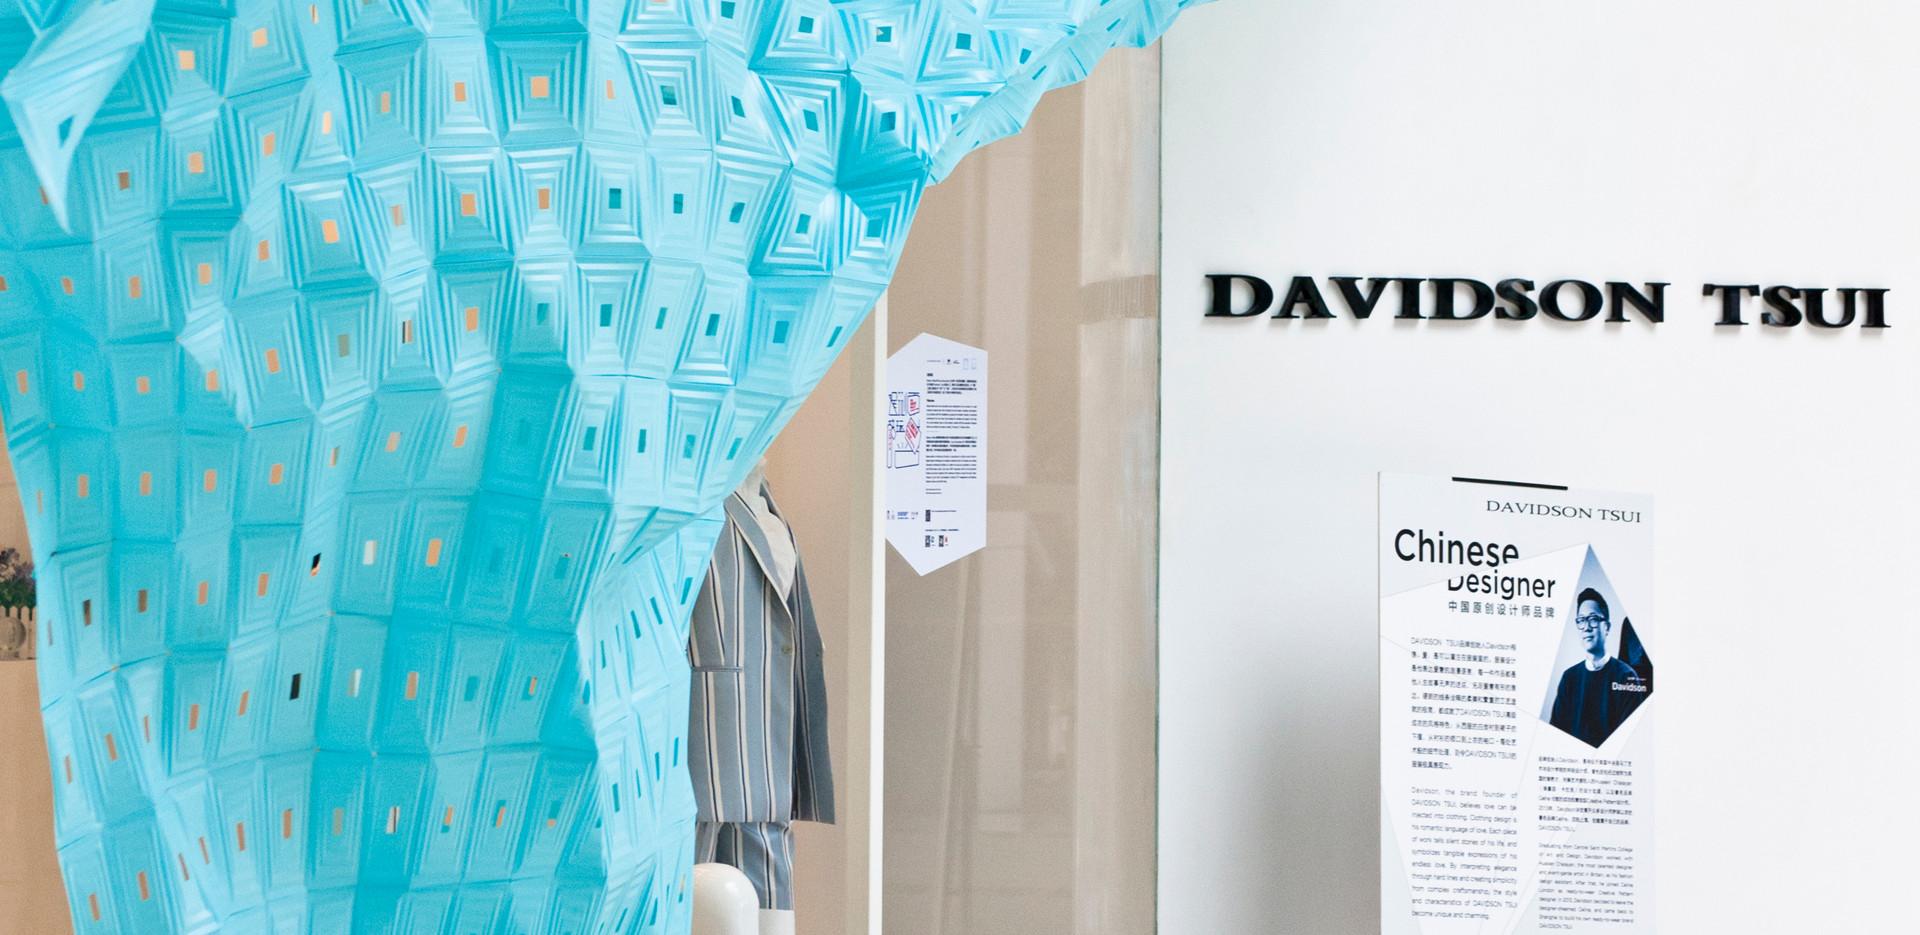 Davidson Tsui XTD